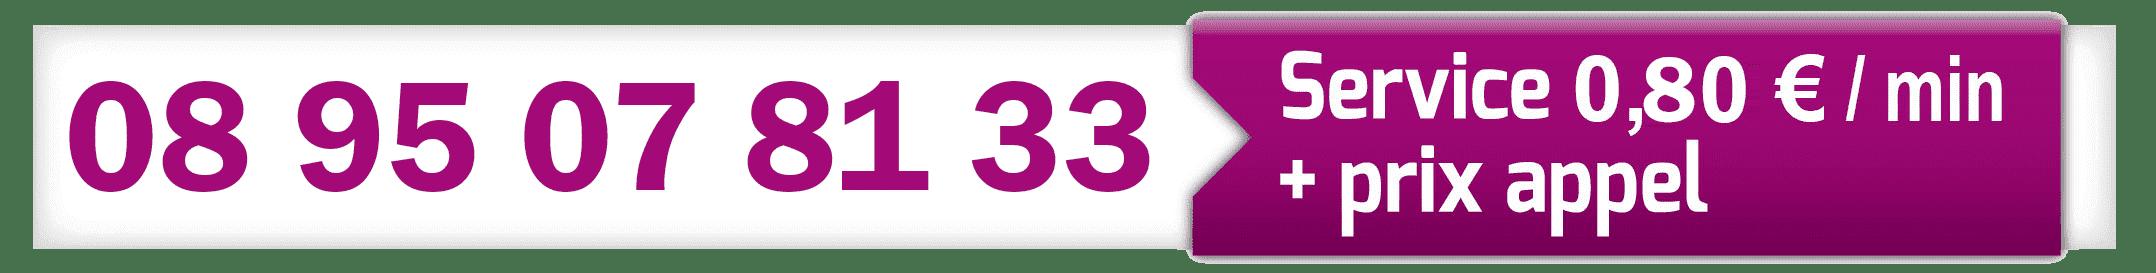 hisotoire coquine - telephone rose prix - coquines.tel